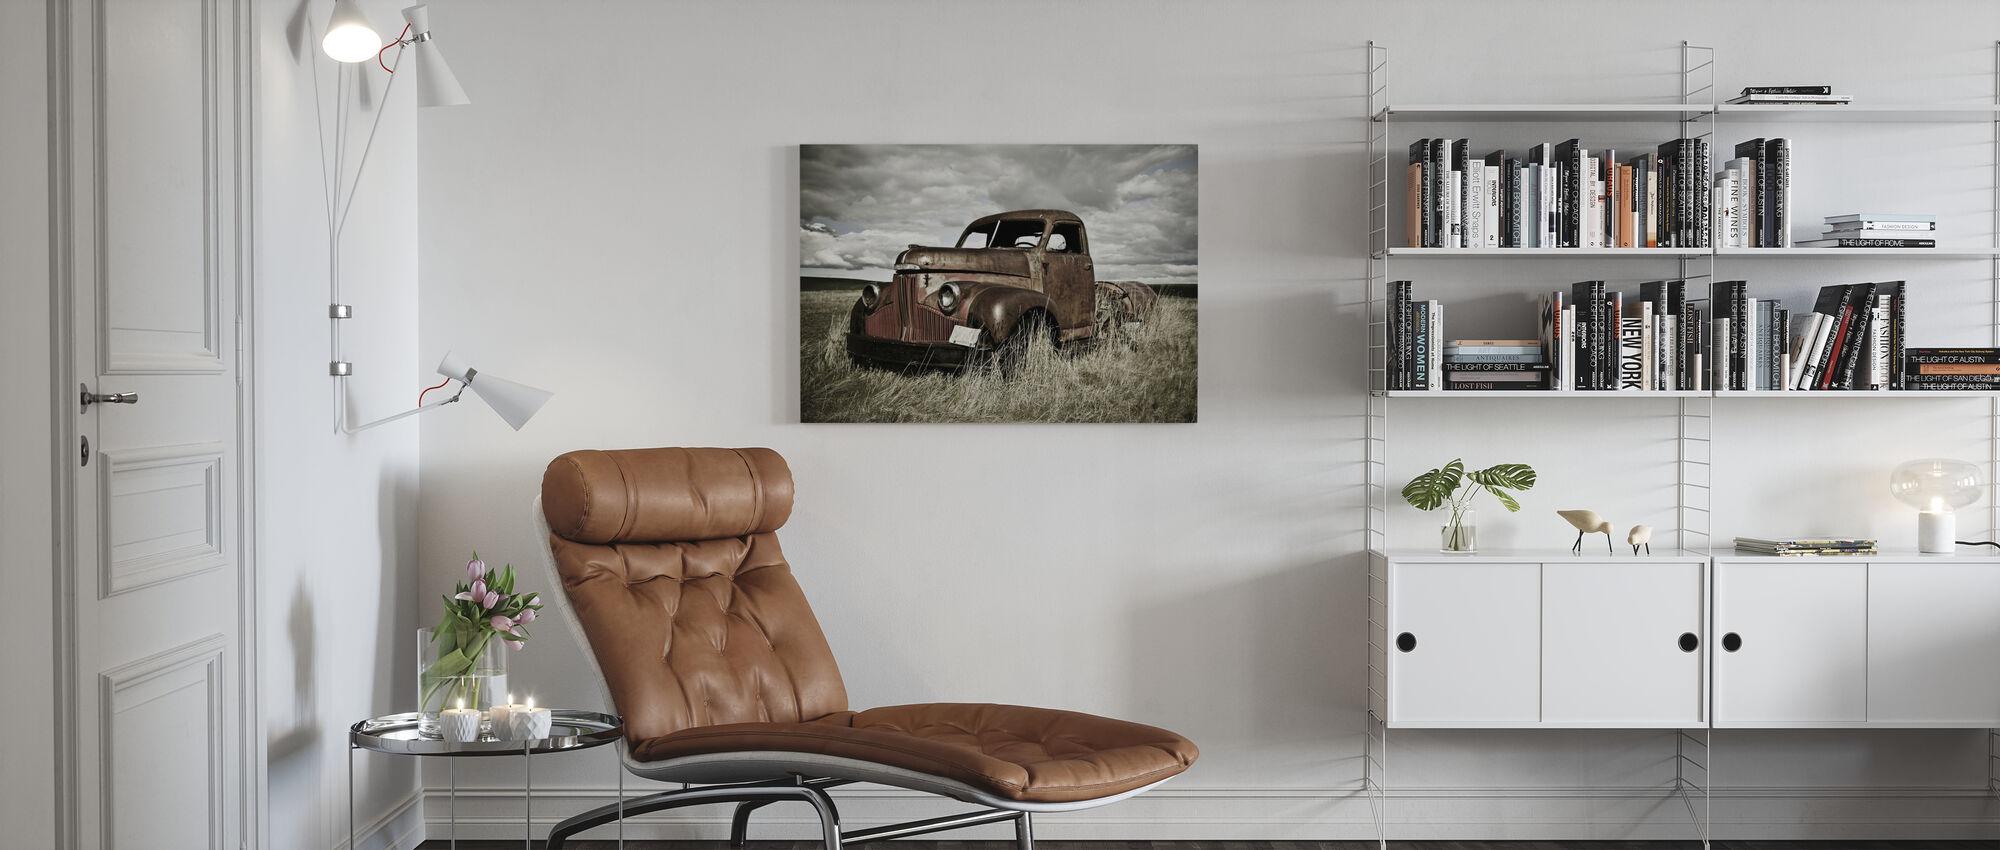 Oude vrachtwagen in het veld - Canvas print - Woonkamer